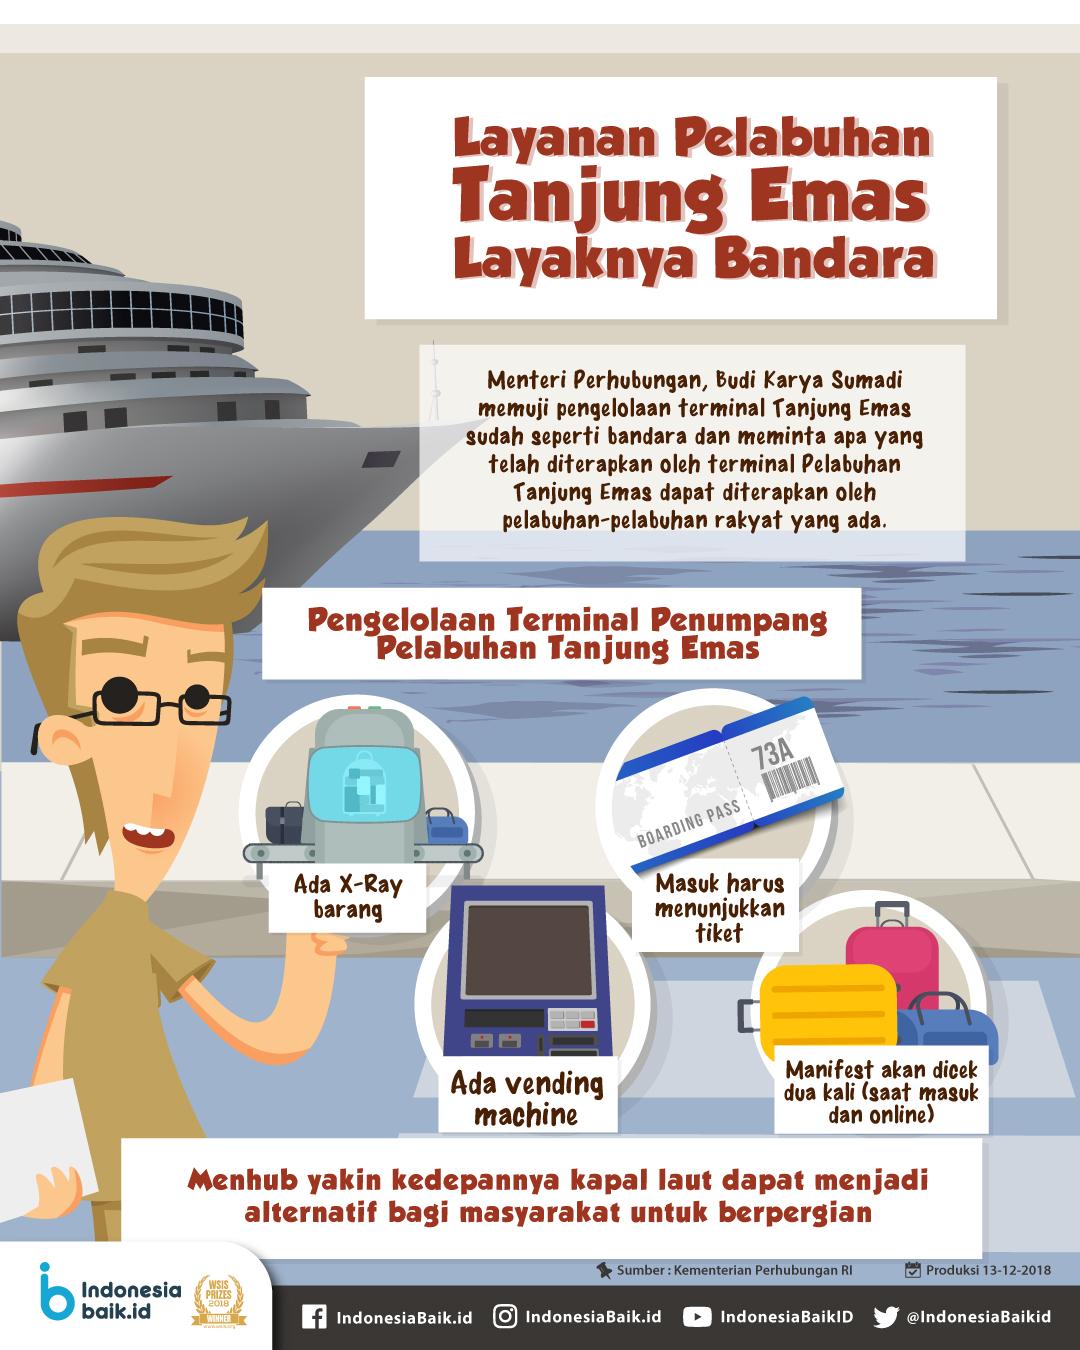 Layanan Pelabuhan Tanjung Emas Layaknya Bandara